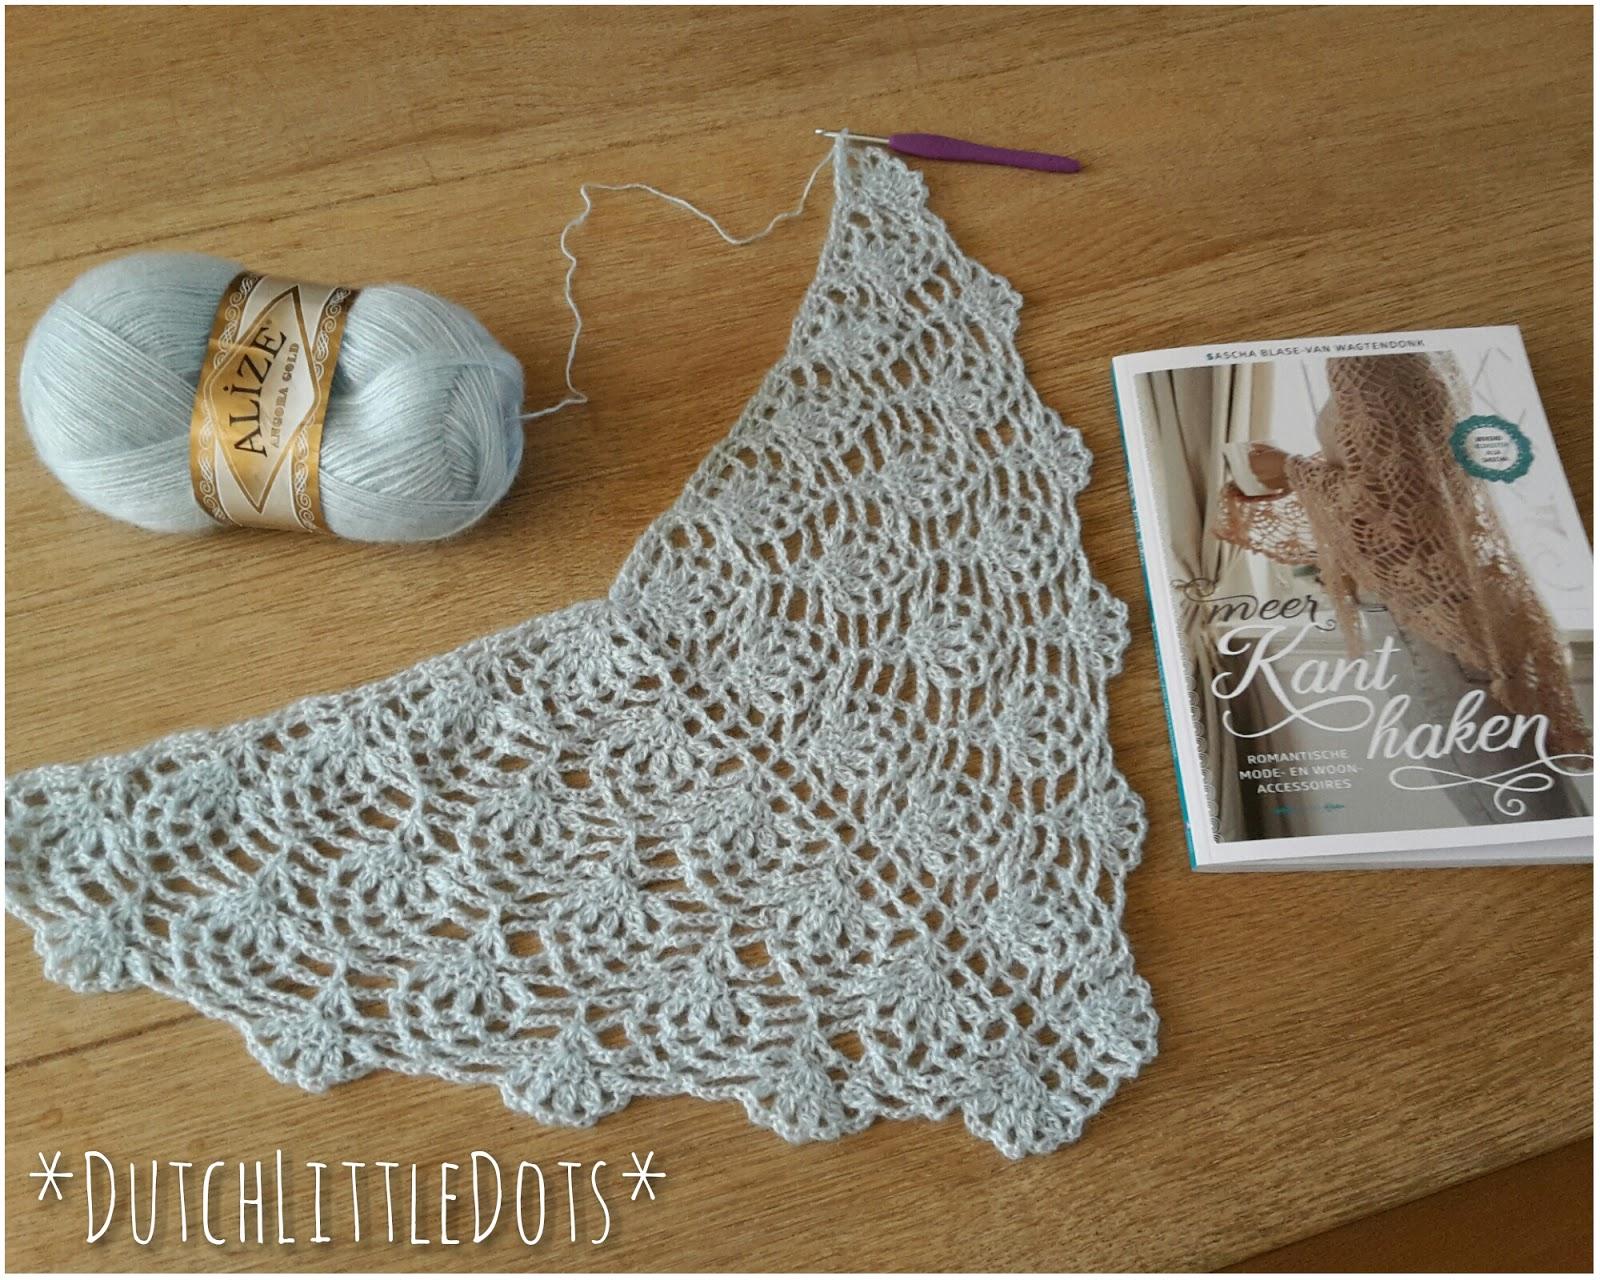 Dutchlittledots Irene Haakt Haken Als Tijdverdrijf Crochet To